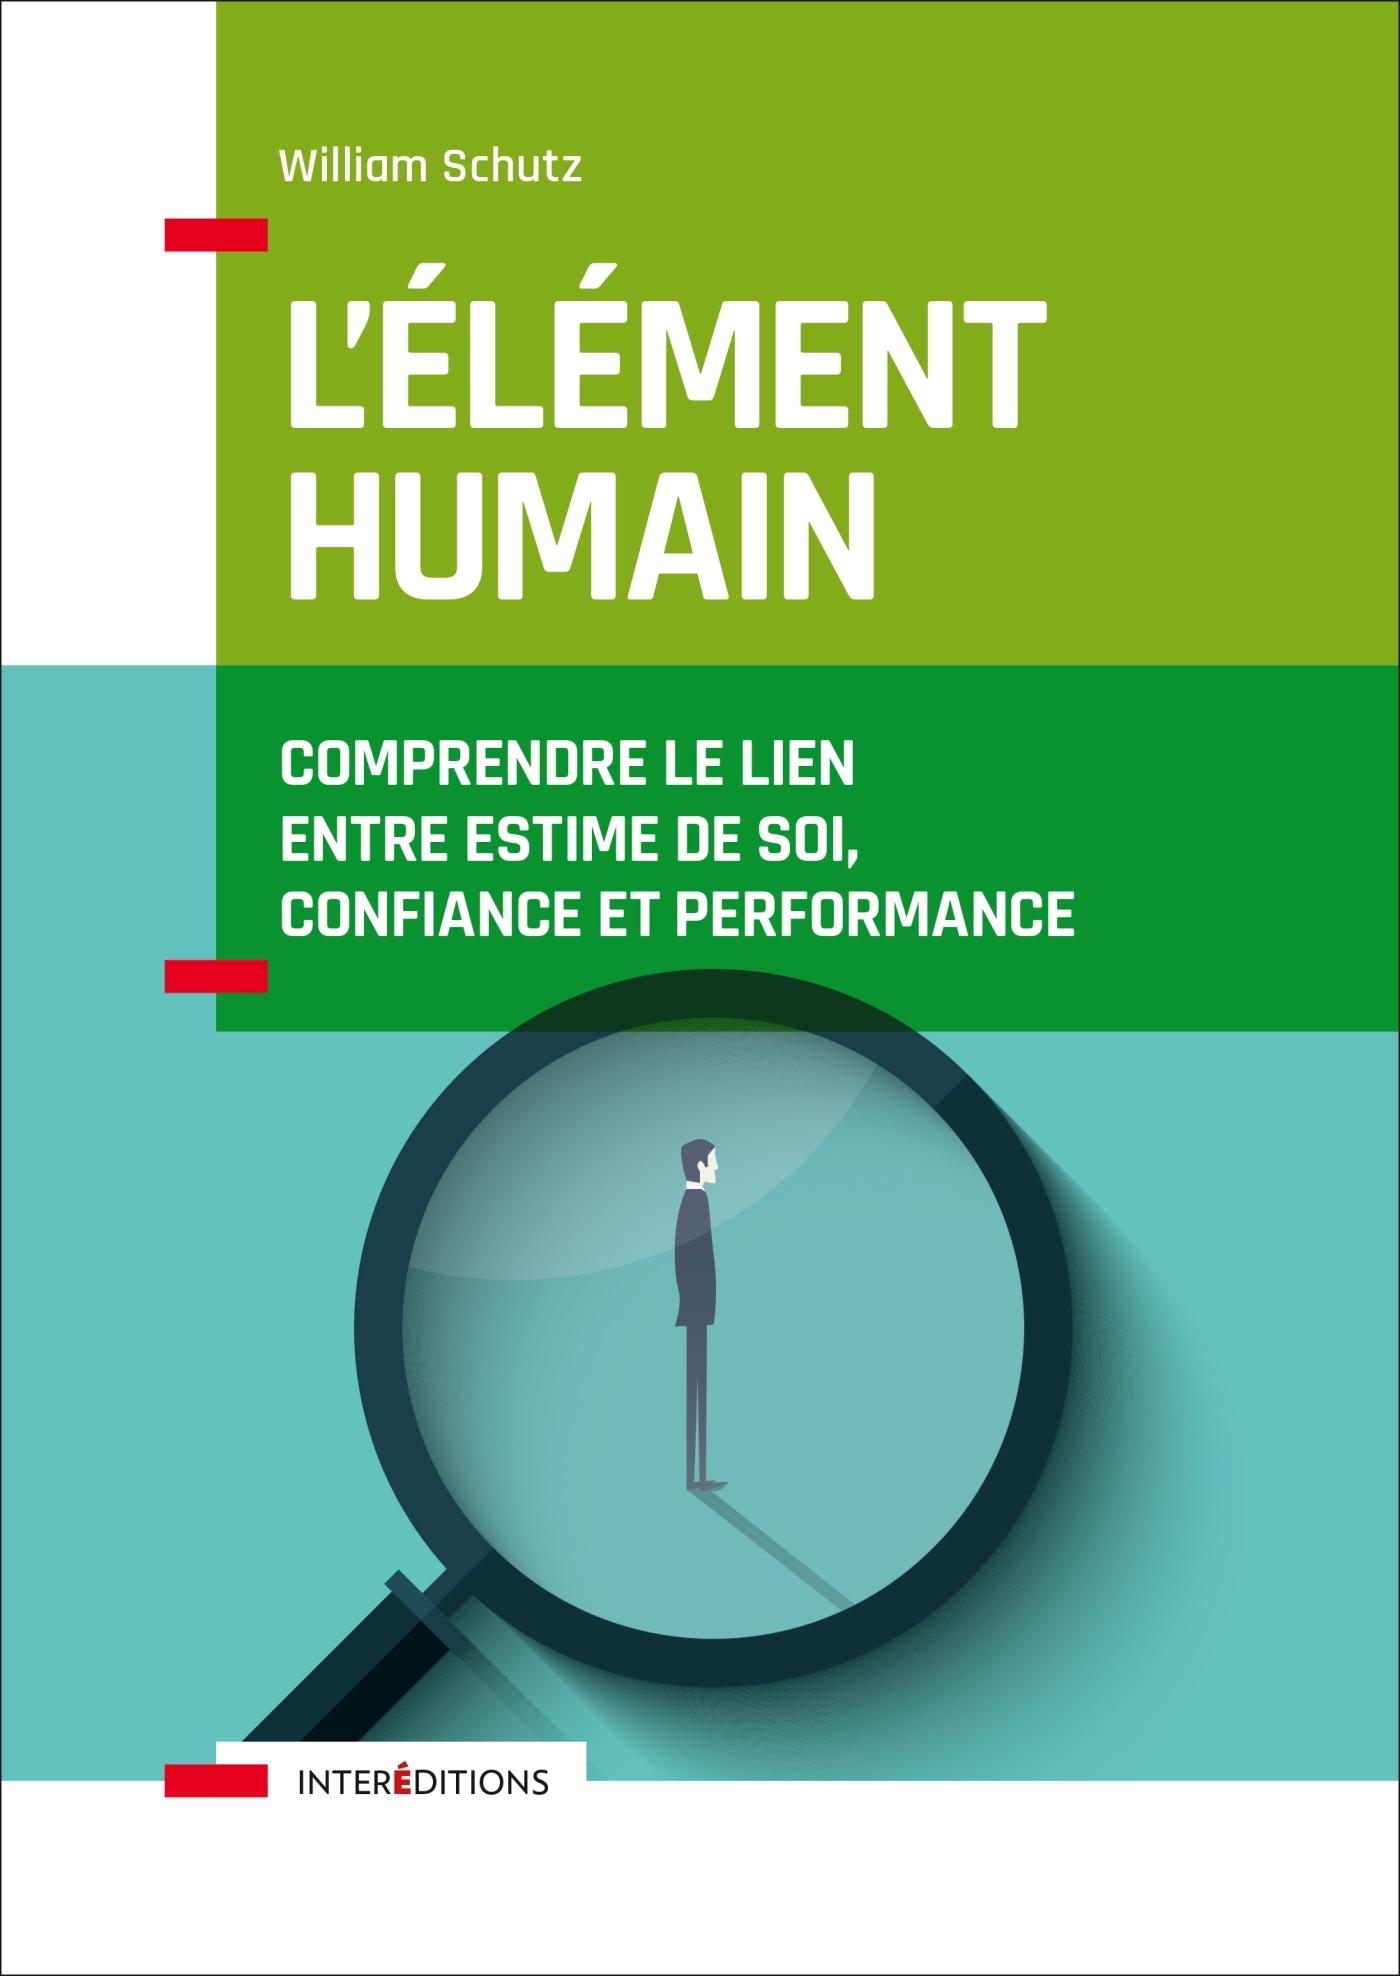 L'ELEMENT HUMAIN - COMPRENDRE LE LIEN ENTRE ESTIME DE SOI, CONFIANCE ET PERFORMANCE